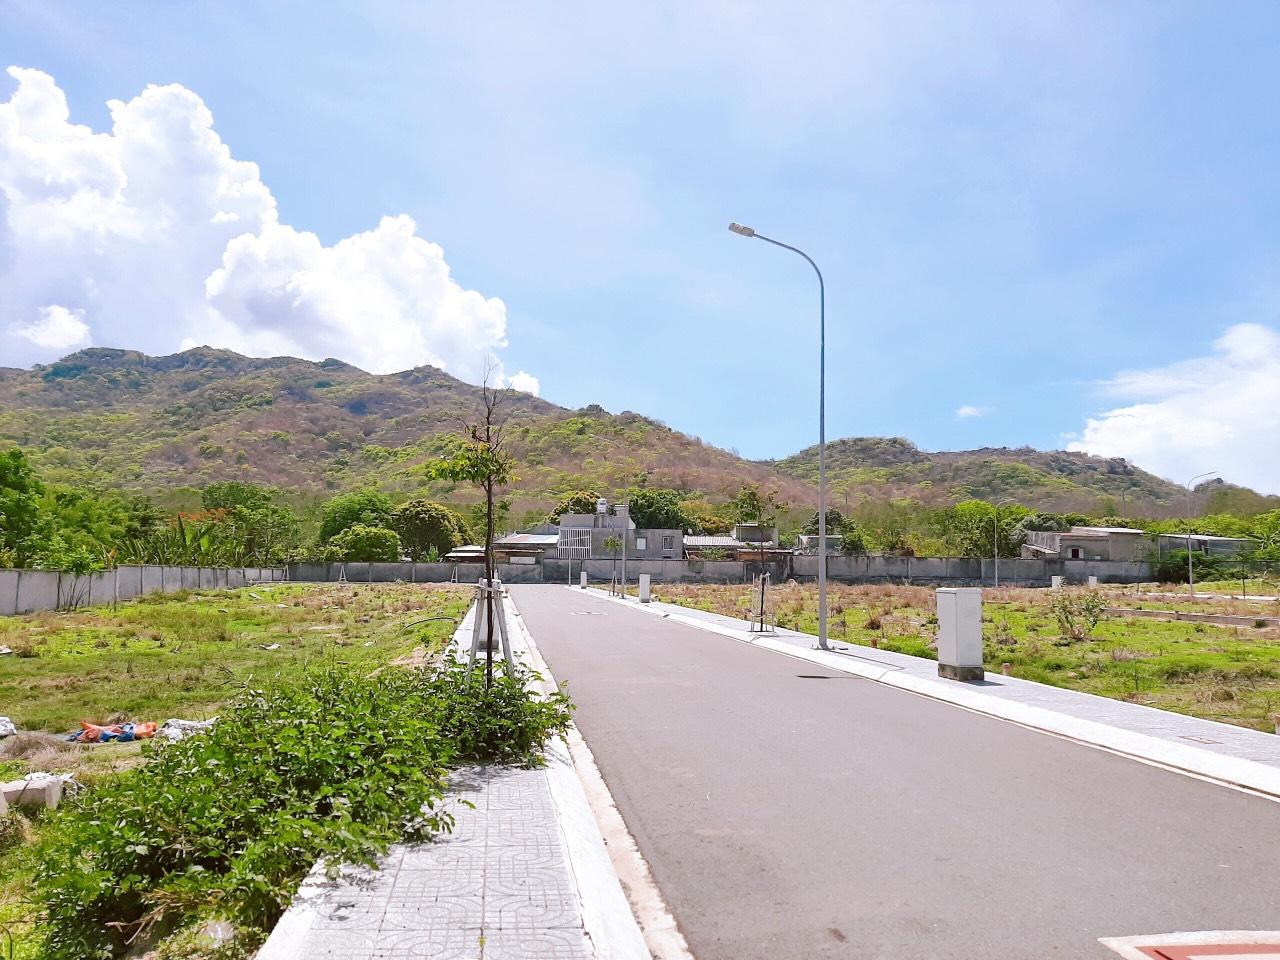 Bán lô đất ngay bãi tắm Mộ Cô, đường Nguyễn Tất Thành - đường Dầu Khí đang mở, Sổ Hồng Riêng